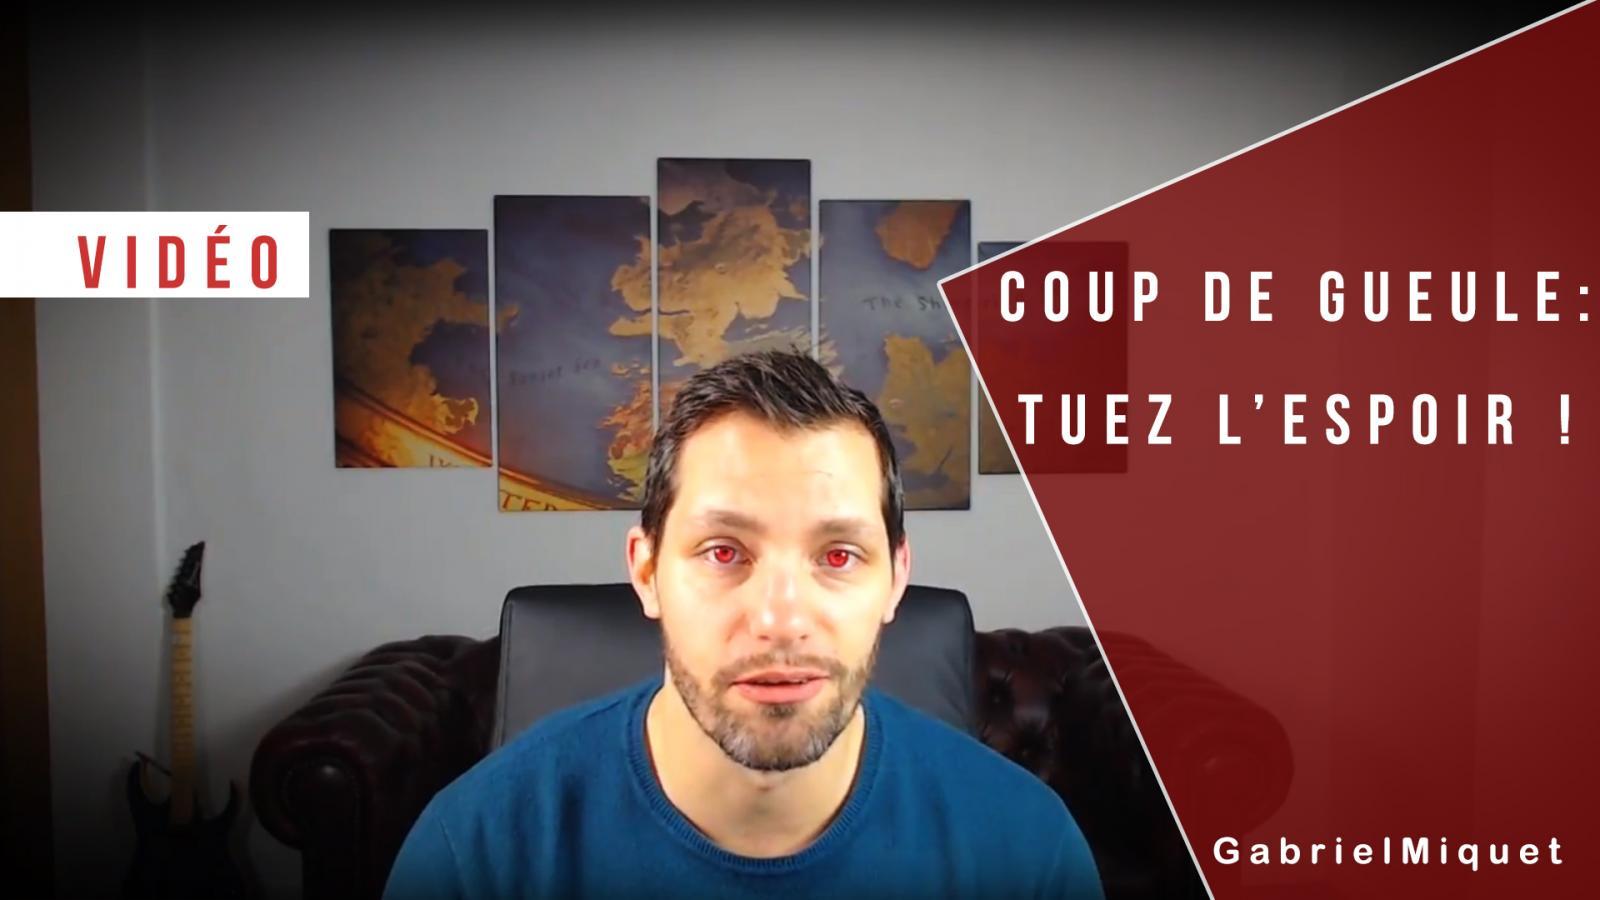 Coup de gueule 2018 : Tuez l'espoir